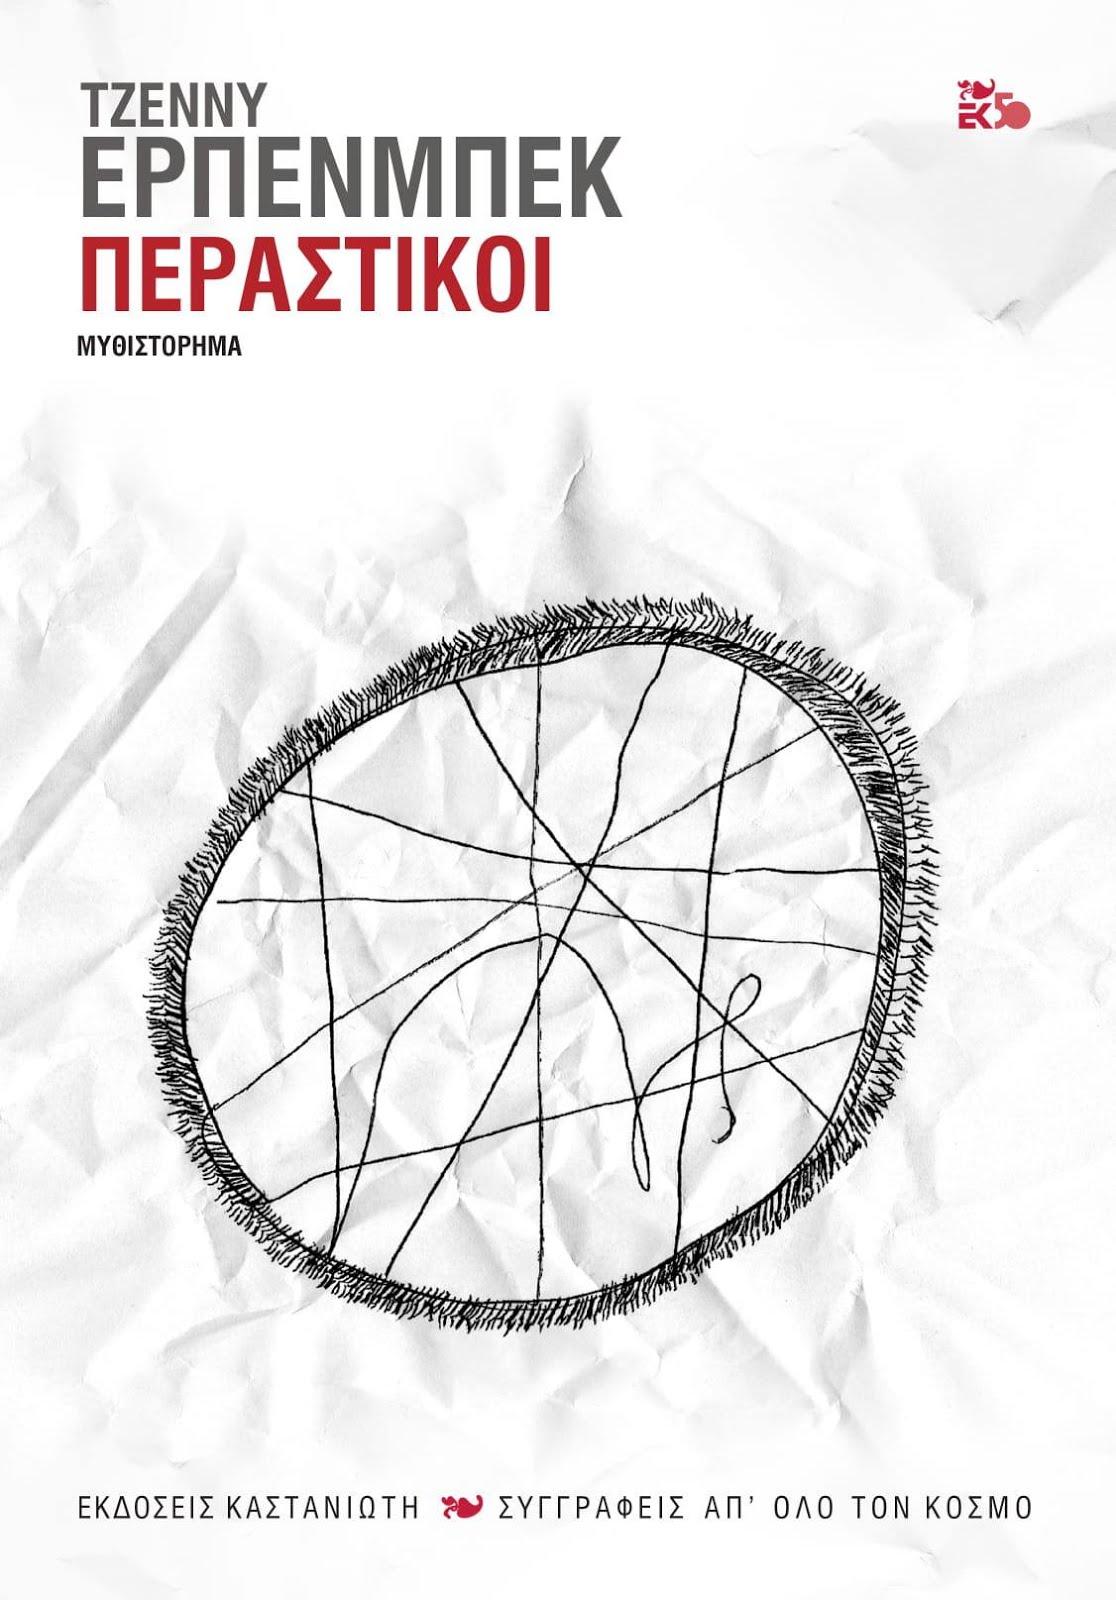 Κυκλοφορεί από τις εκδόσεις Καστανιώτη